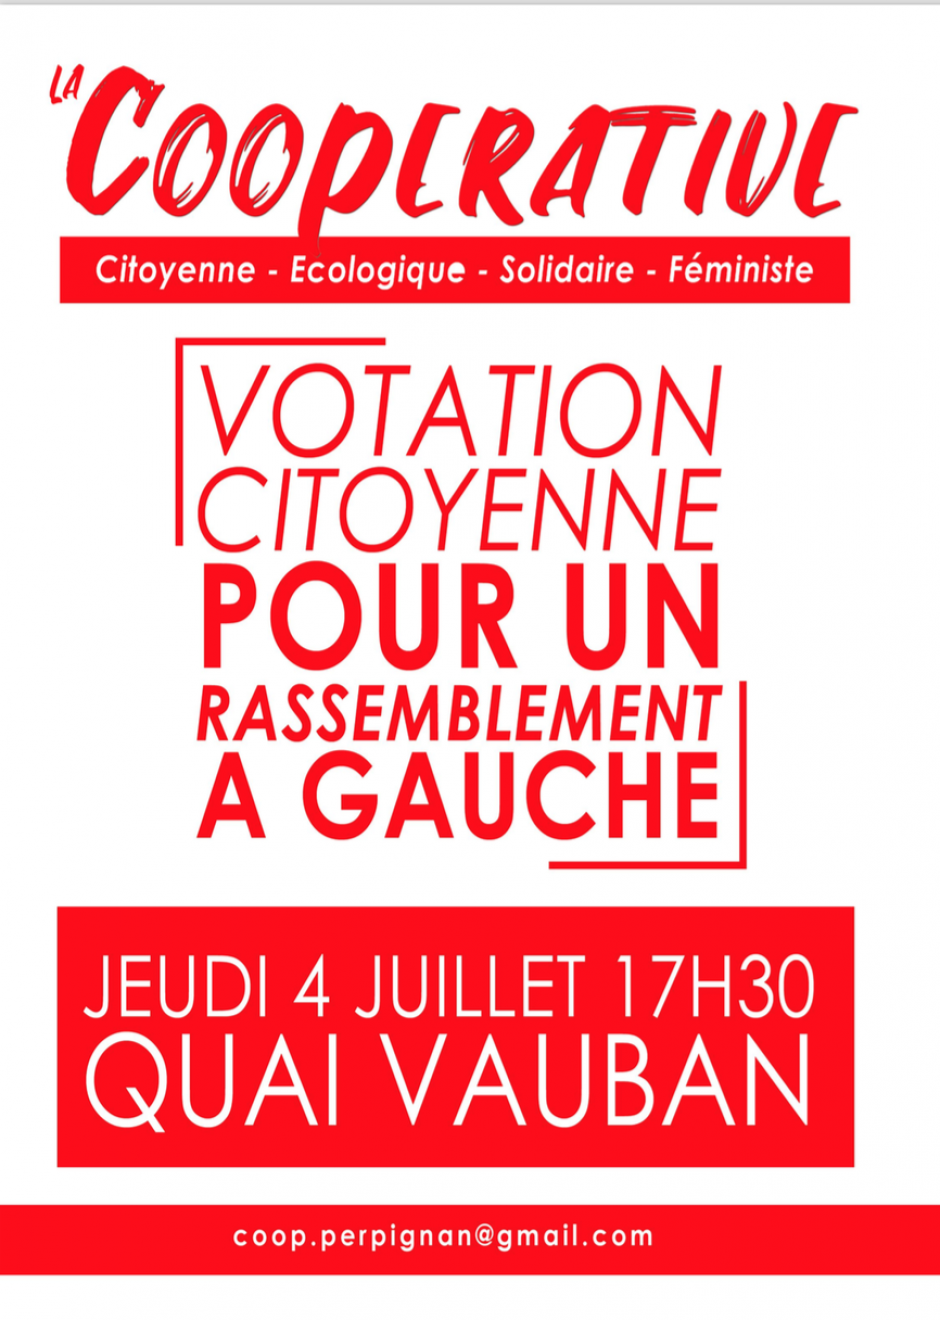 Votation citoyenne pour un rassemblement à gauche à Perpignan